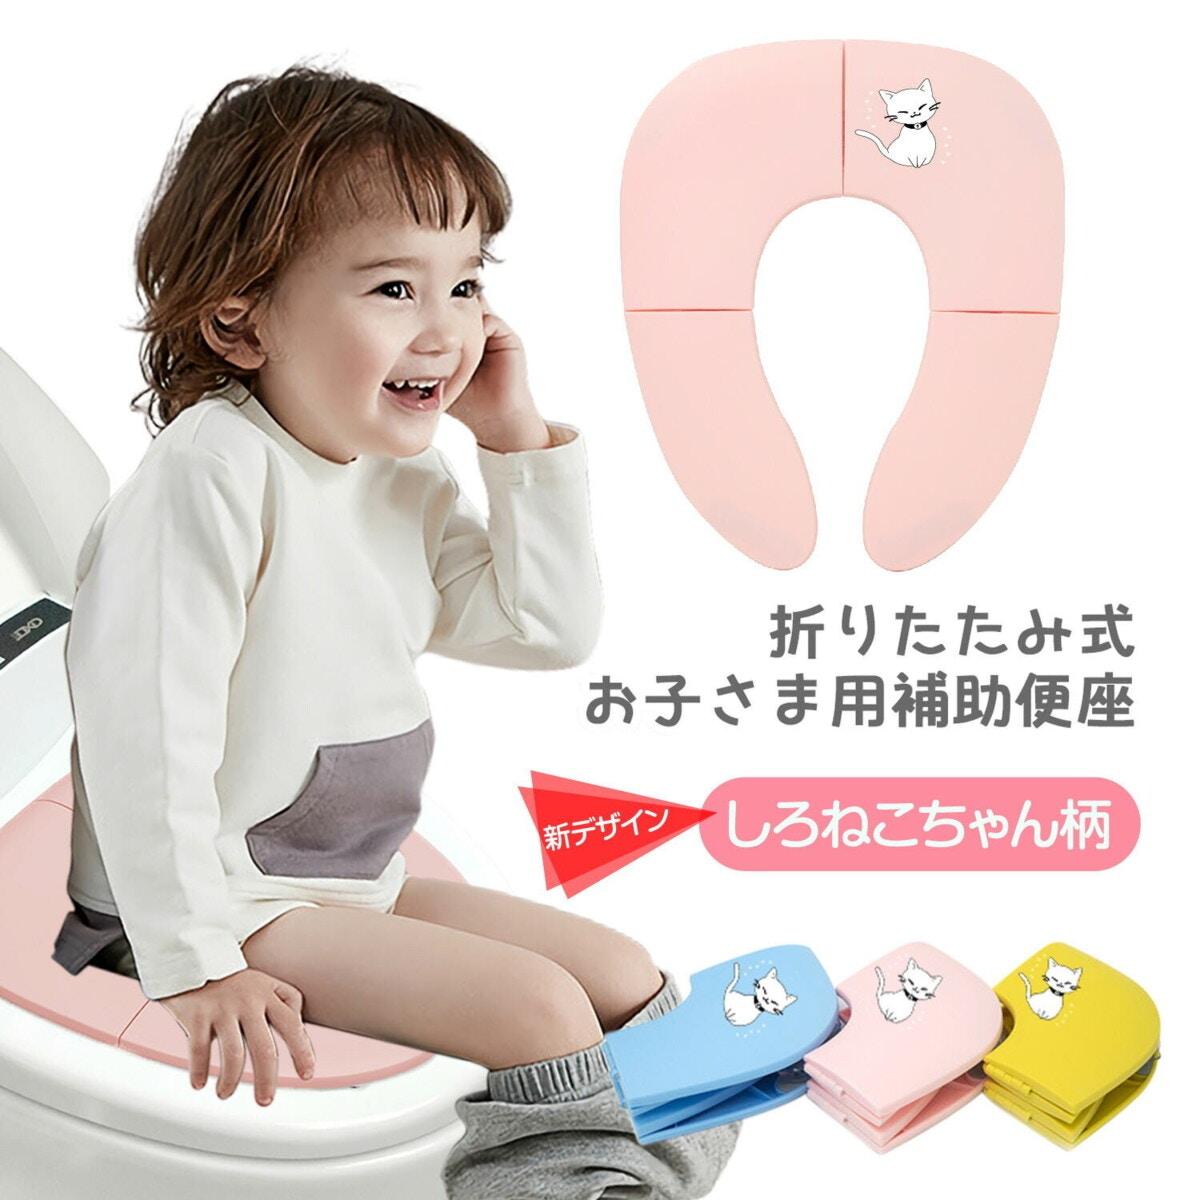 トイレトレーニング キッズ用トイレ